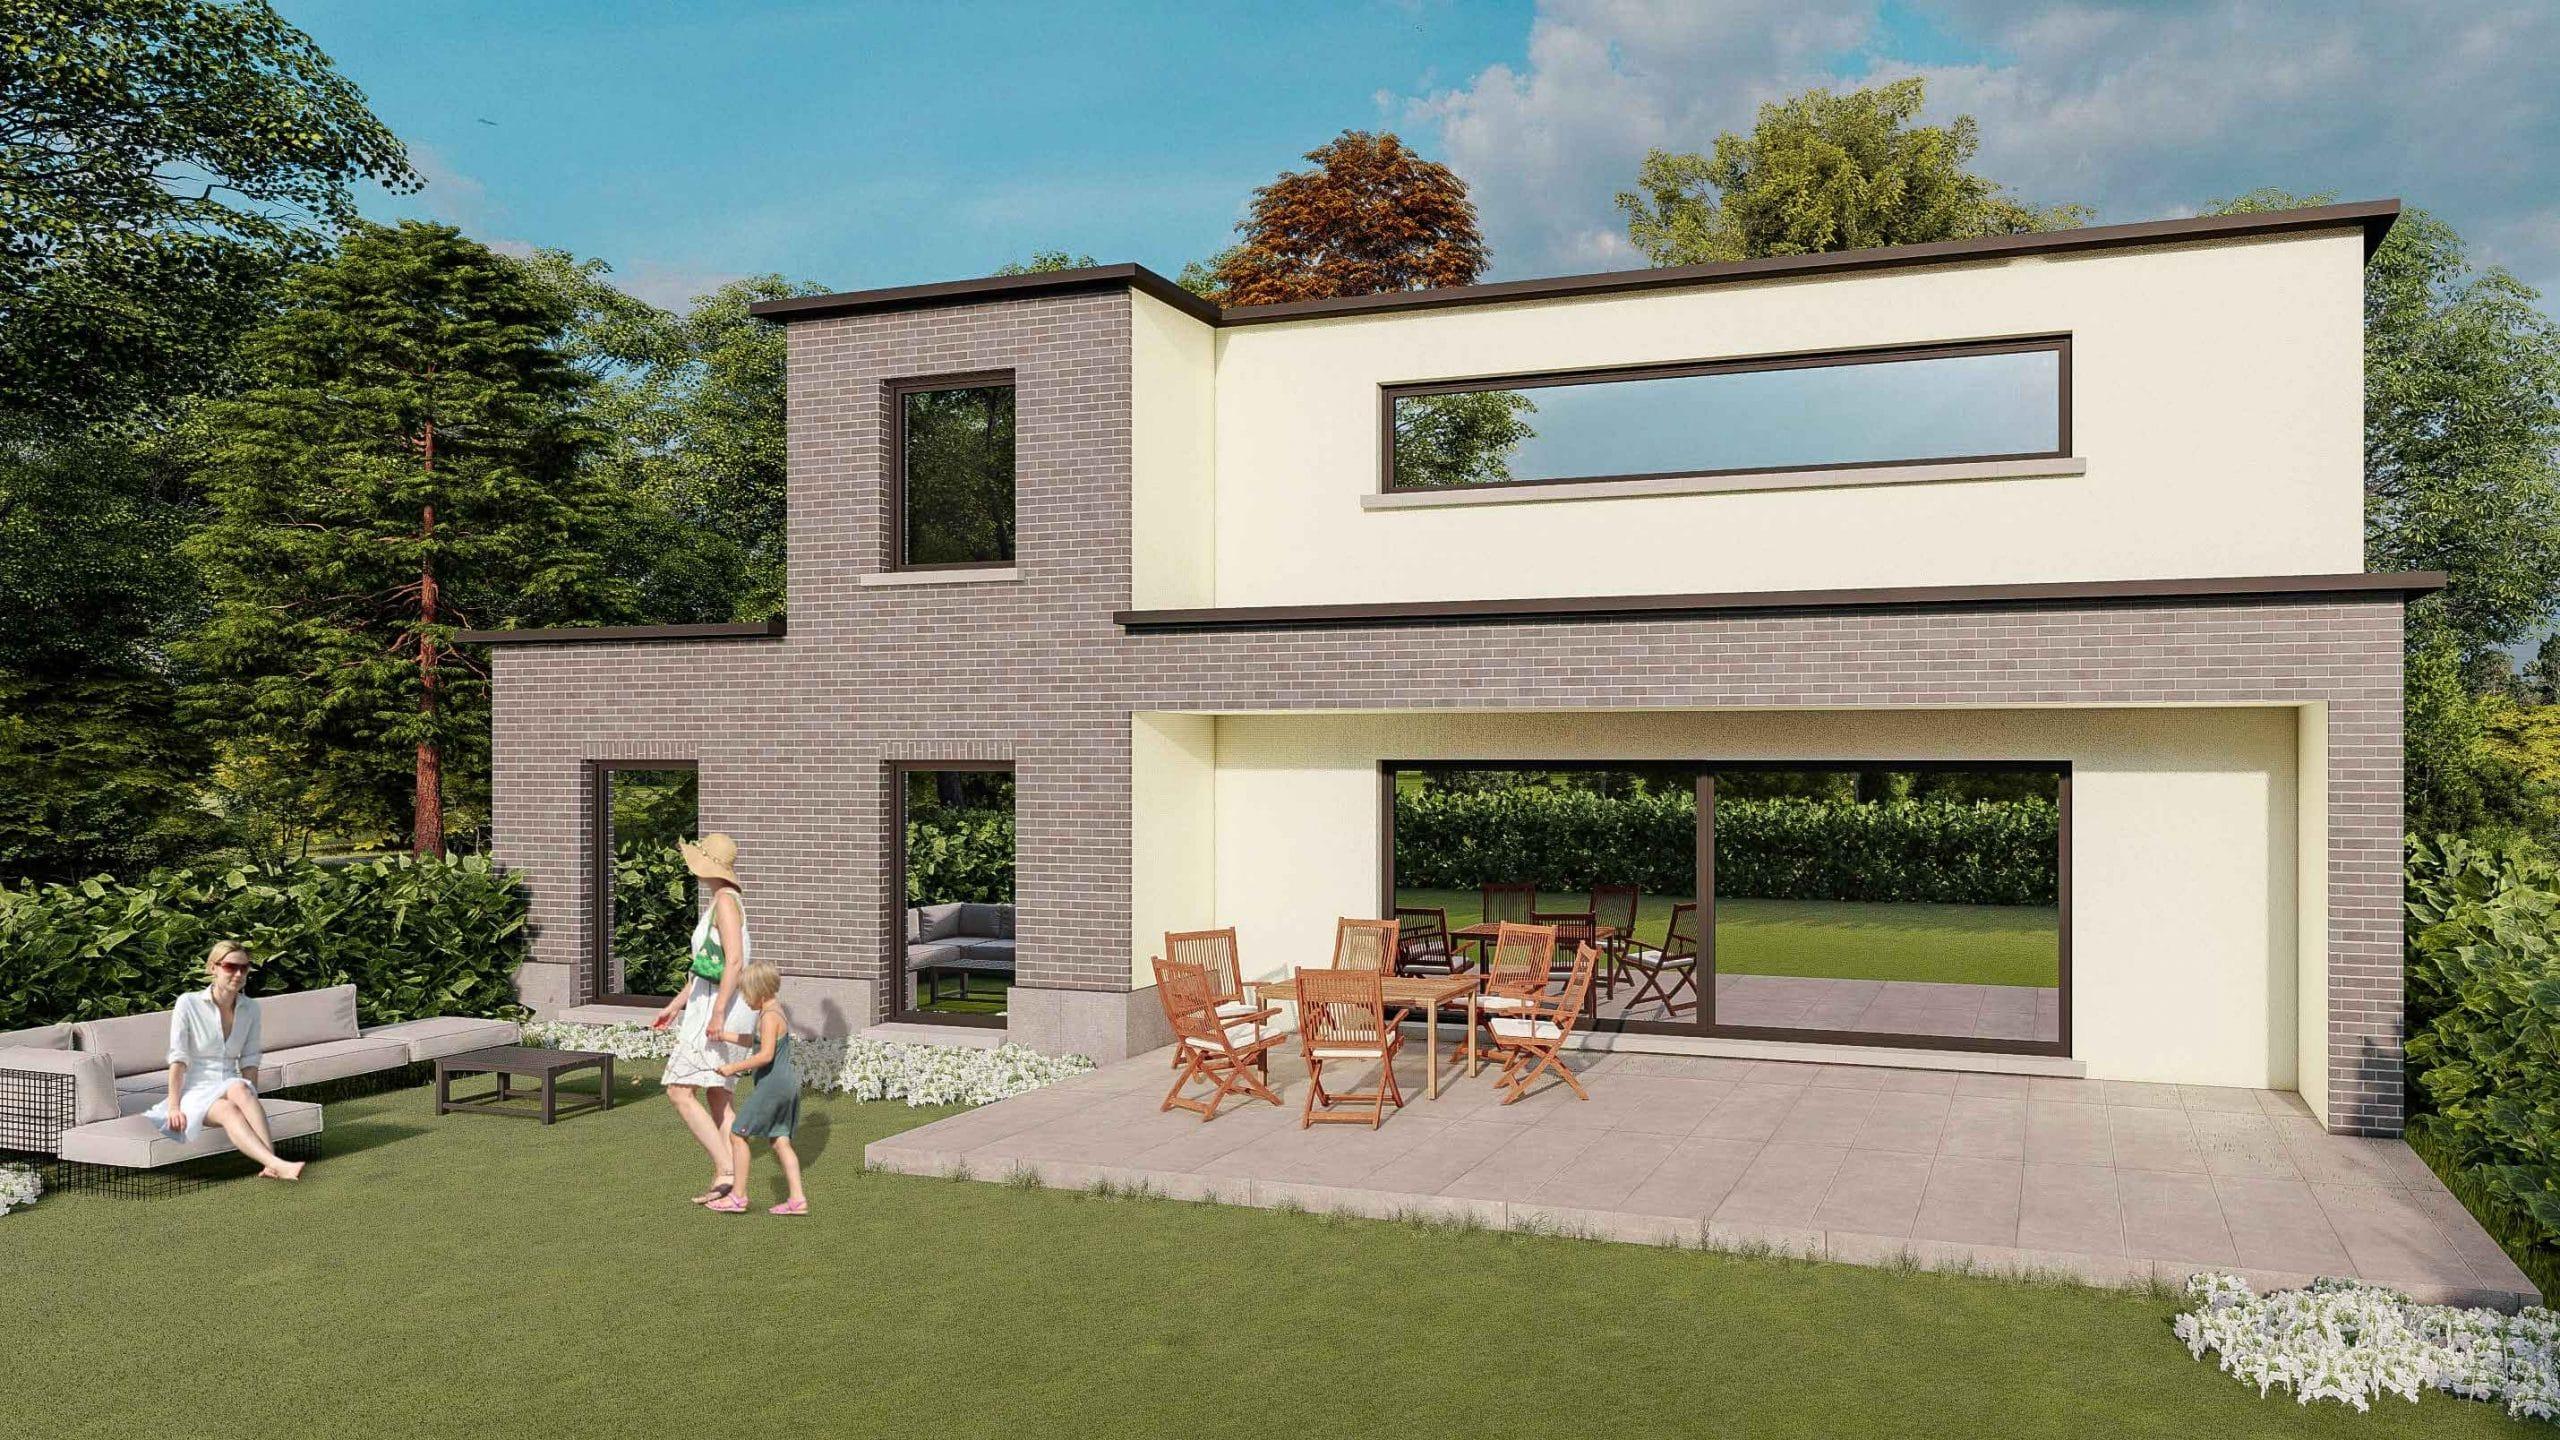 Inspiration_villa-brique-grise-etage